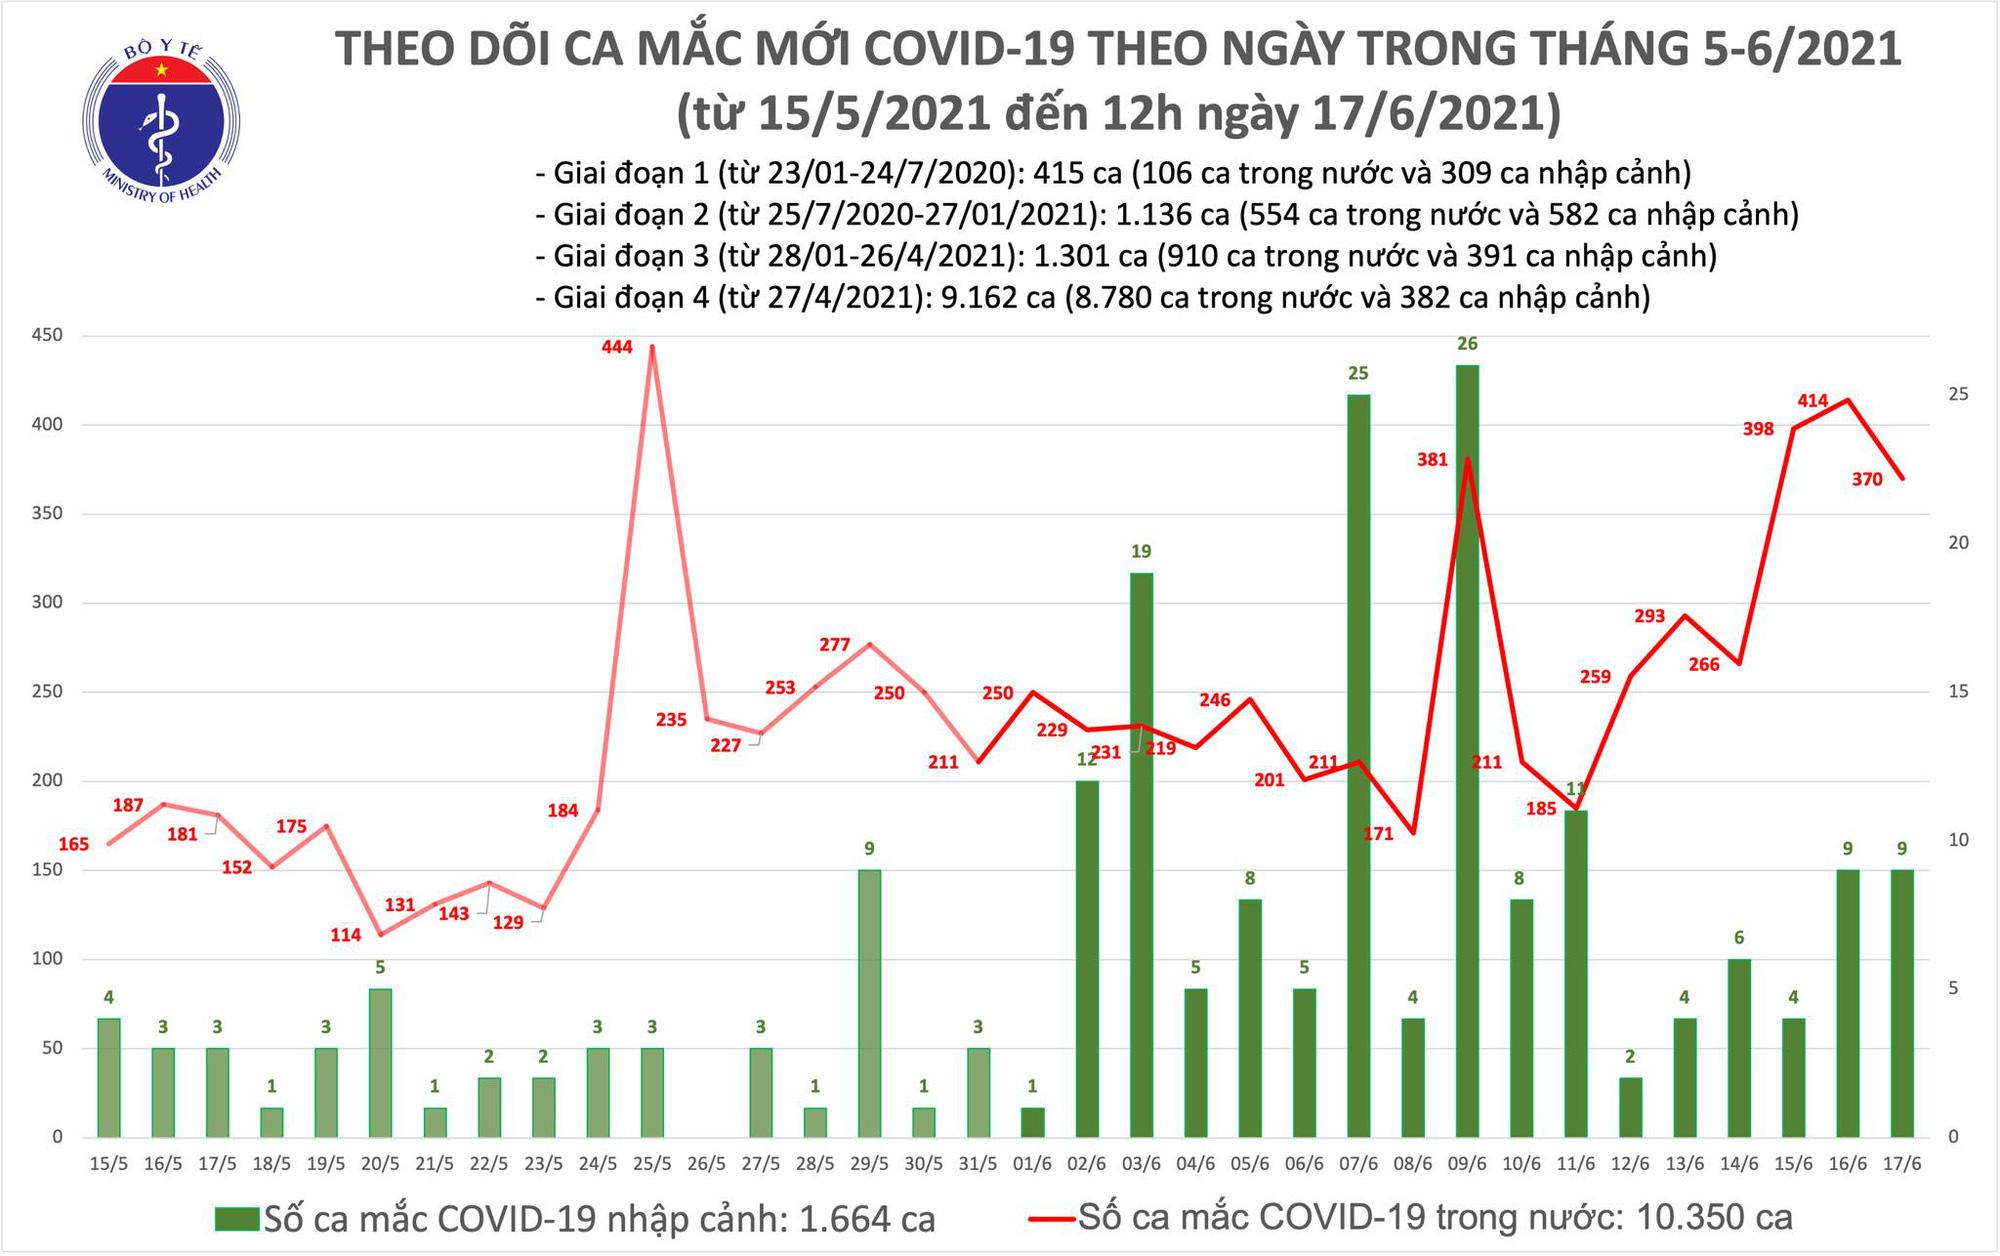 Trưa 17/6: Thêm 220 ca mắc COVID-19, riêng Bắc Giang 178 ca nhiễm - Ảnh 1.